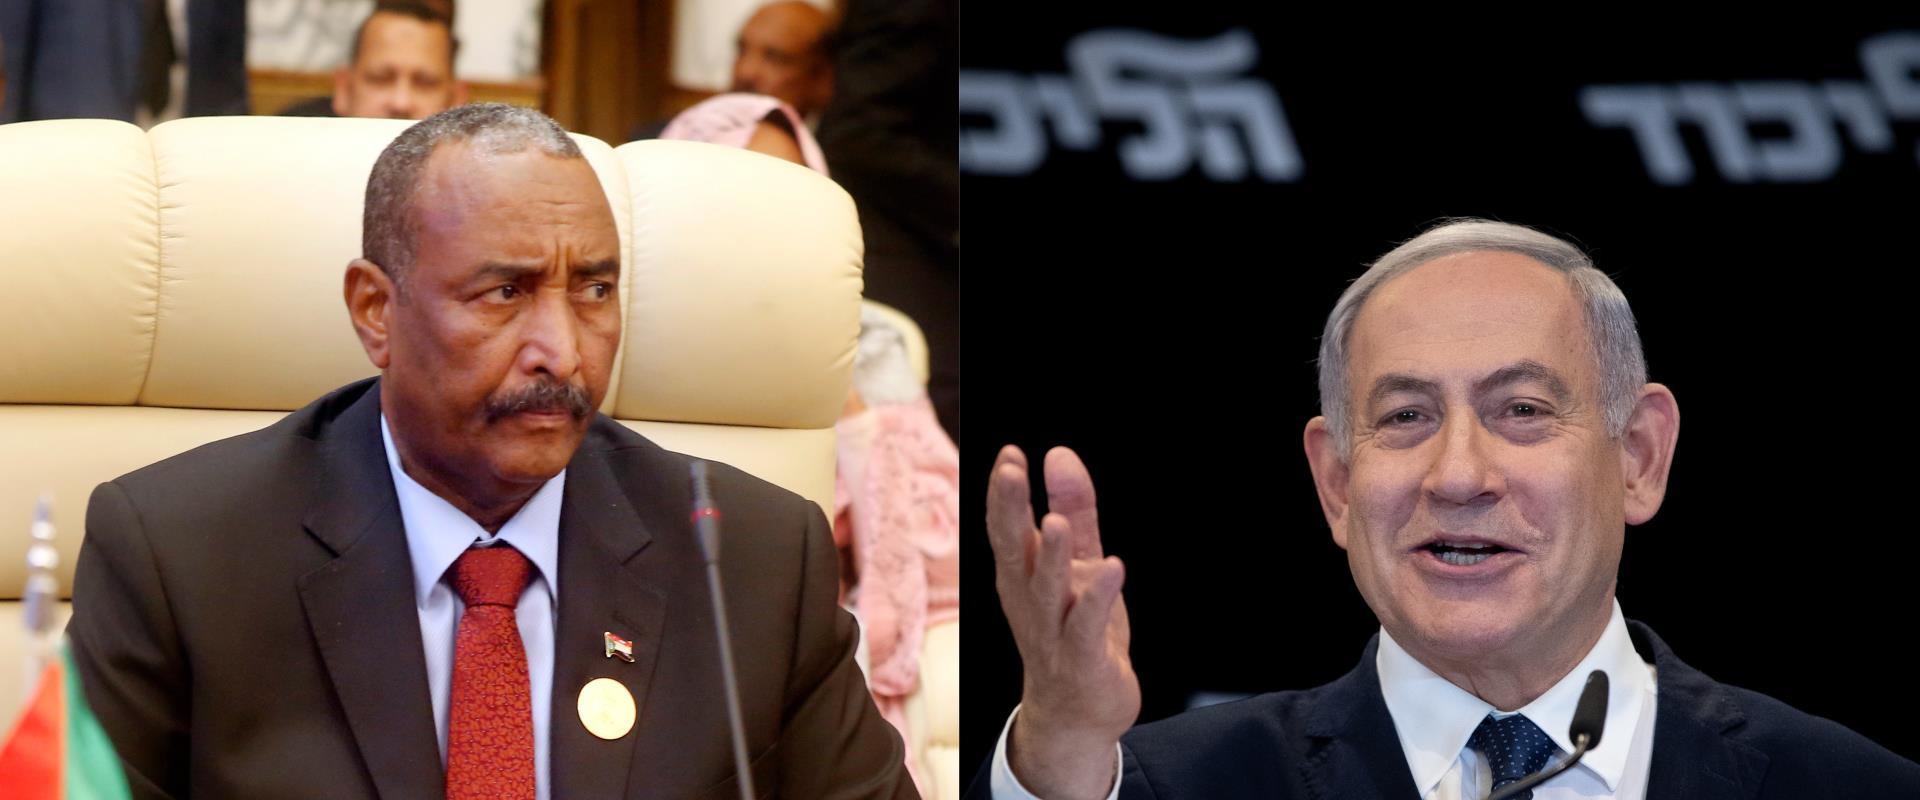 נתניהו ונשיא סודן